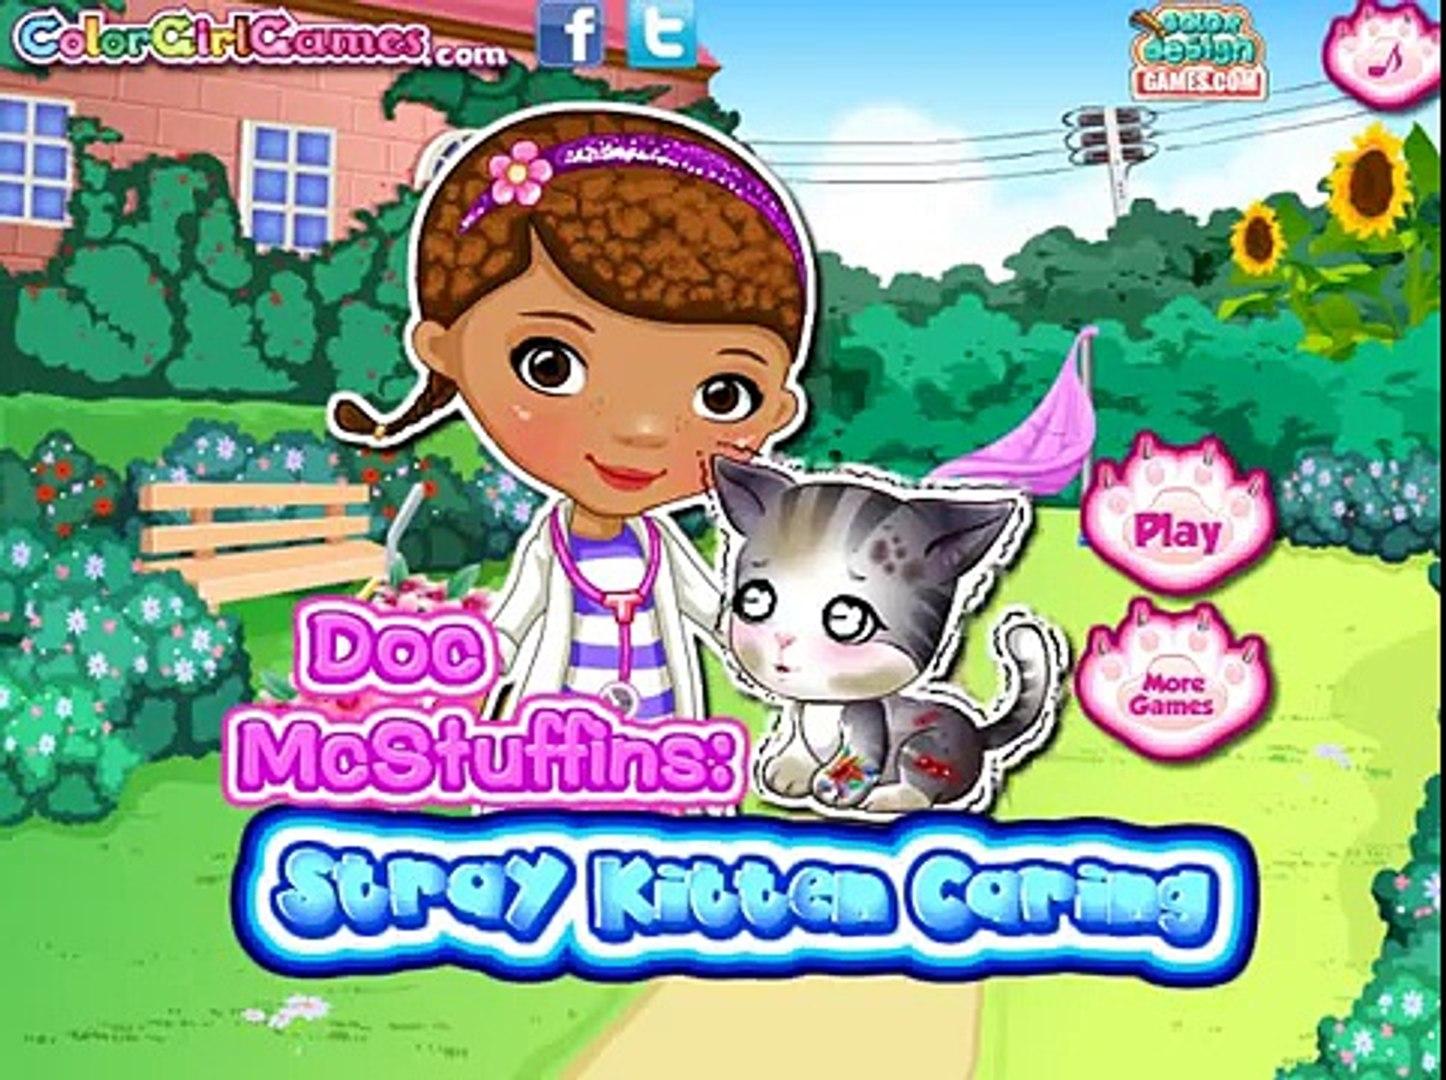 Доктор Игры Кому играть Онлайн бесплатно доктор бездомный котенок заботливая игра